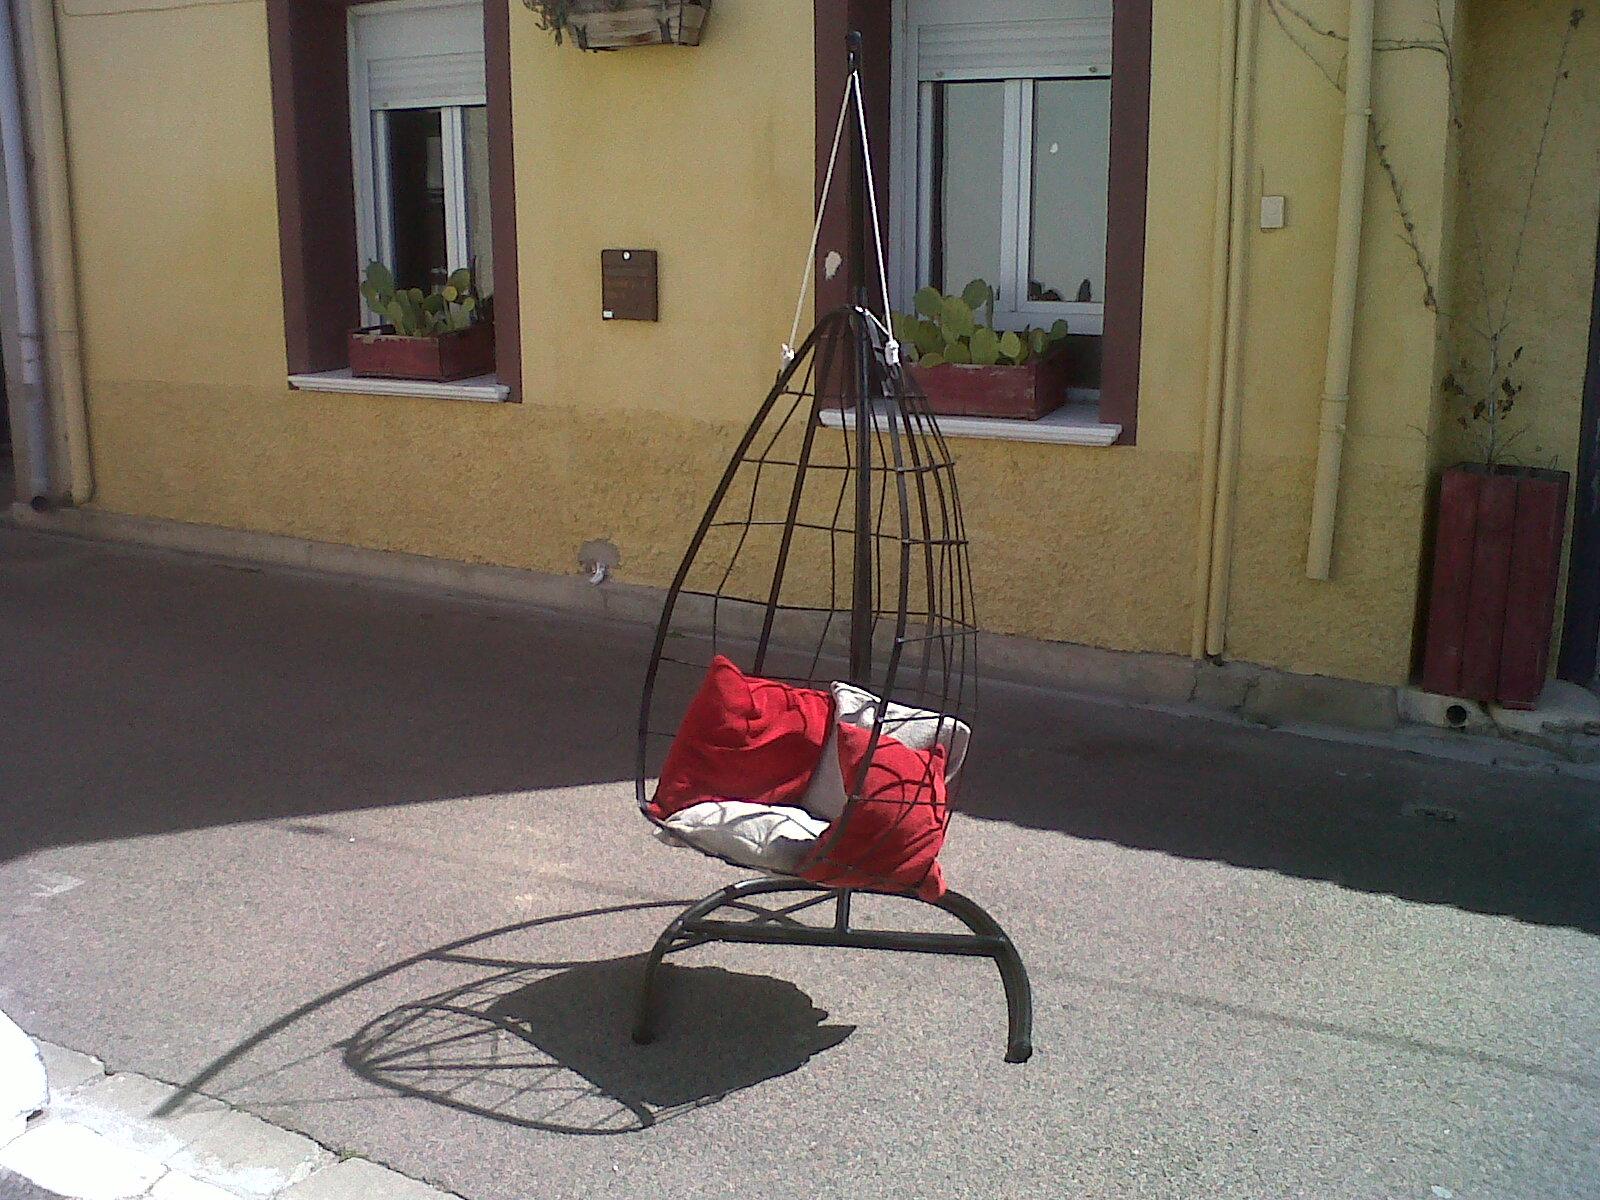 Mobilier de jardin - Oeuf suspendu jardin ...